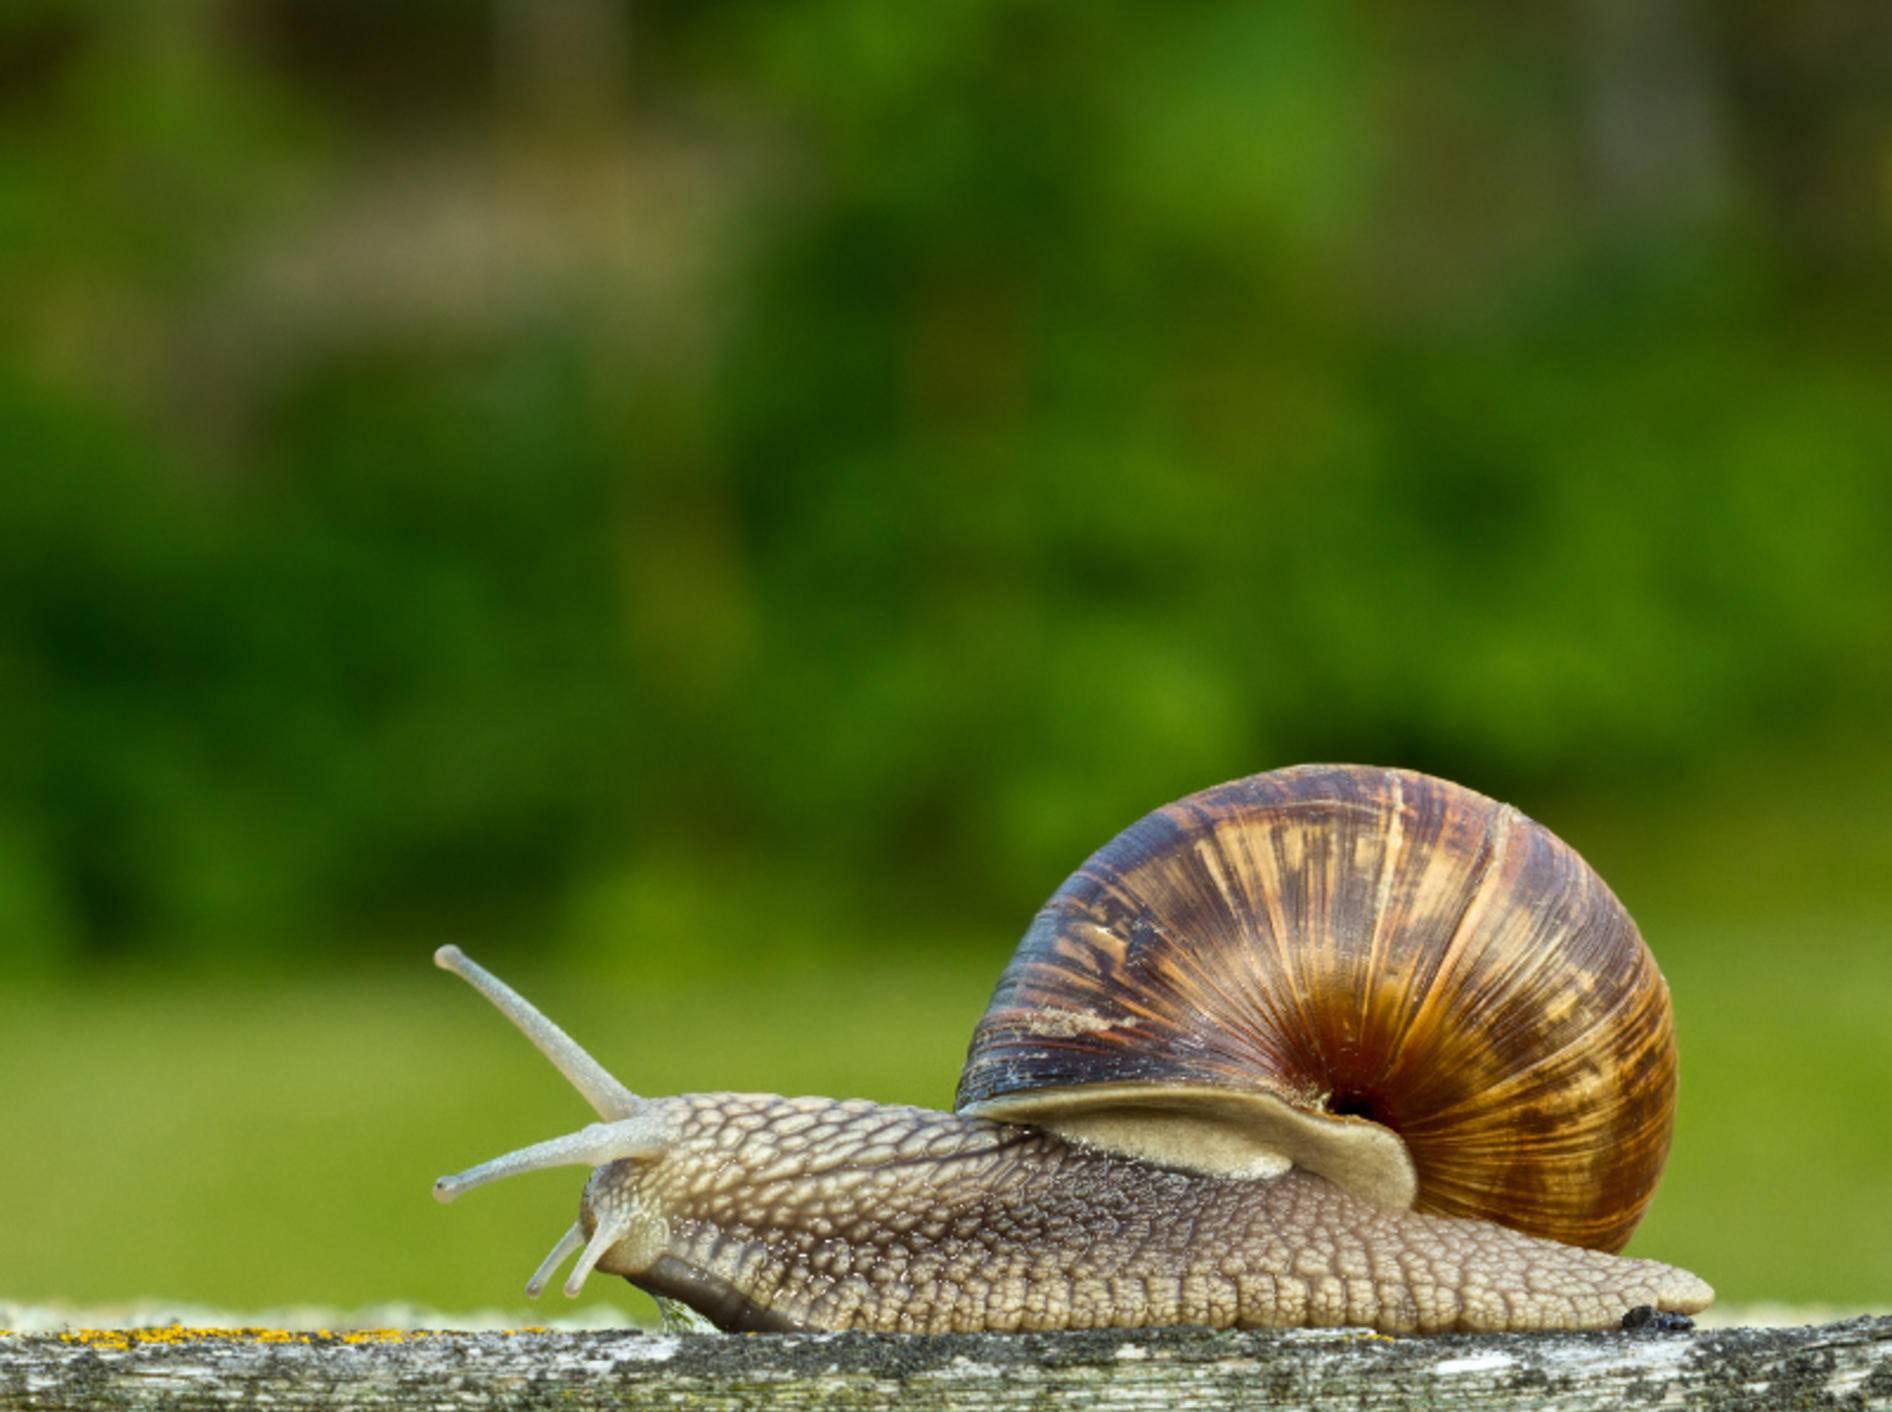 Schnecken gehören zu den Weichtieren – Bild: Shutterstock / Peter Krejzl